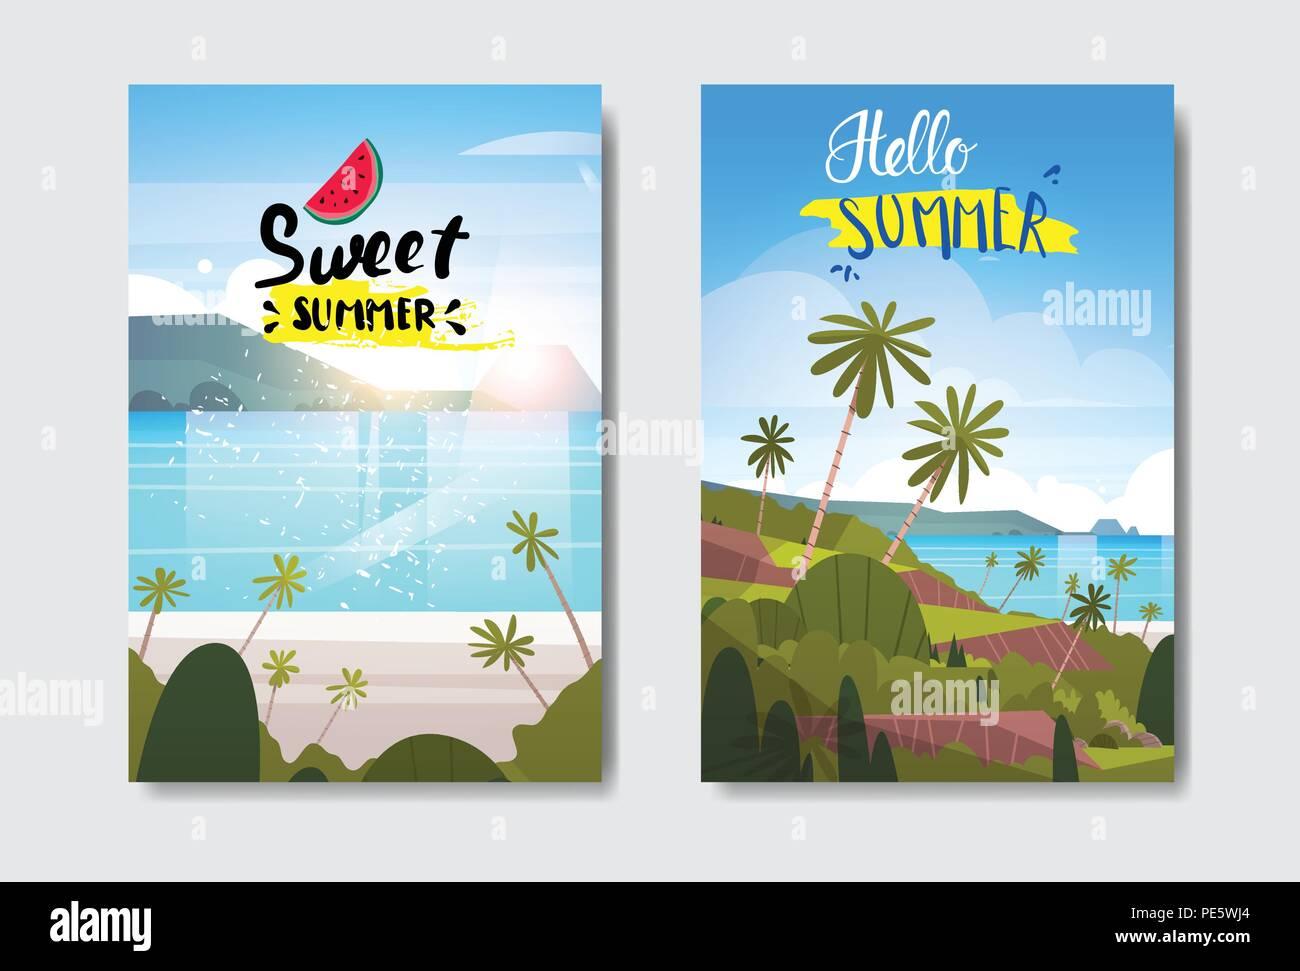 Définir l'été paysage tropical beach sunrise Label Design badge vacances saison lettrage pour les modèles logo carte de voeux invitation affiches et estampes Illustration de Vecteur